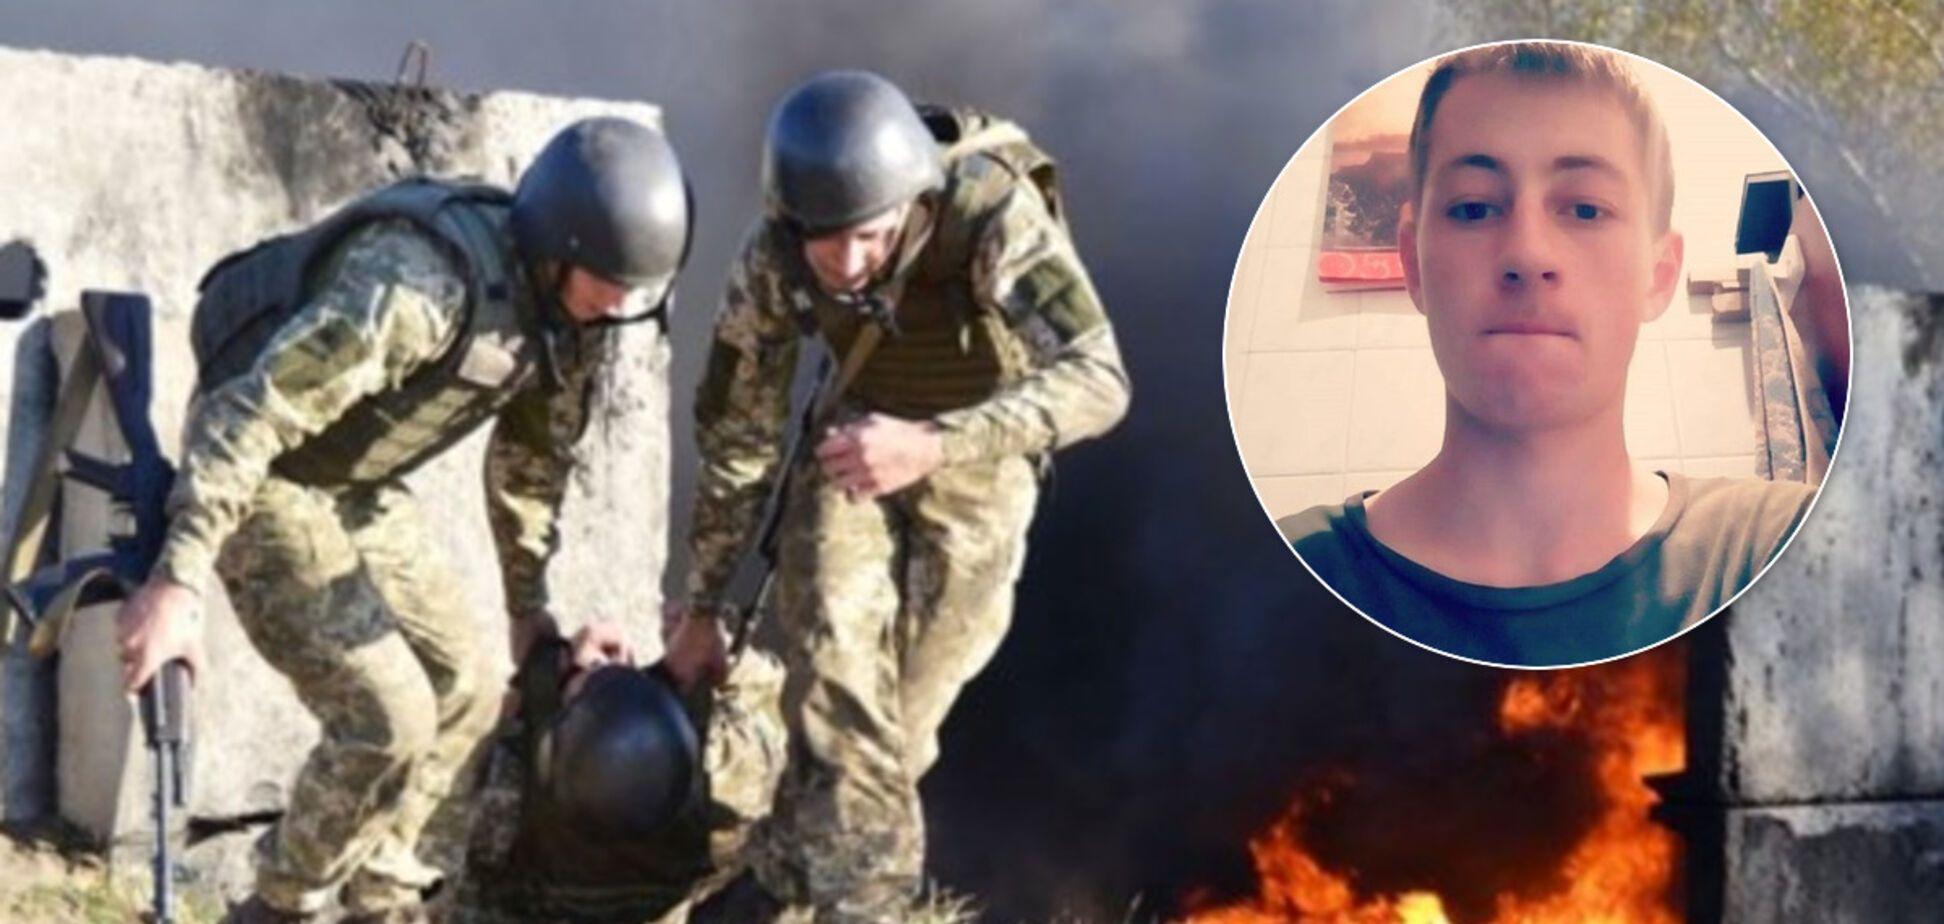 Потрапив під вогонь: стали відомі подробиці загибелі молодого солдата під Оріховим